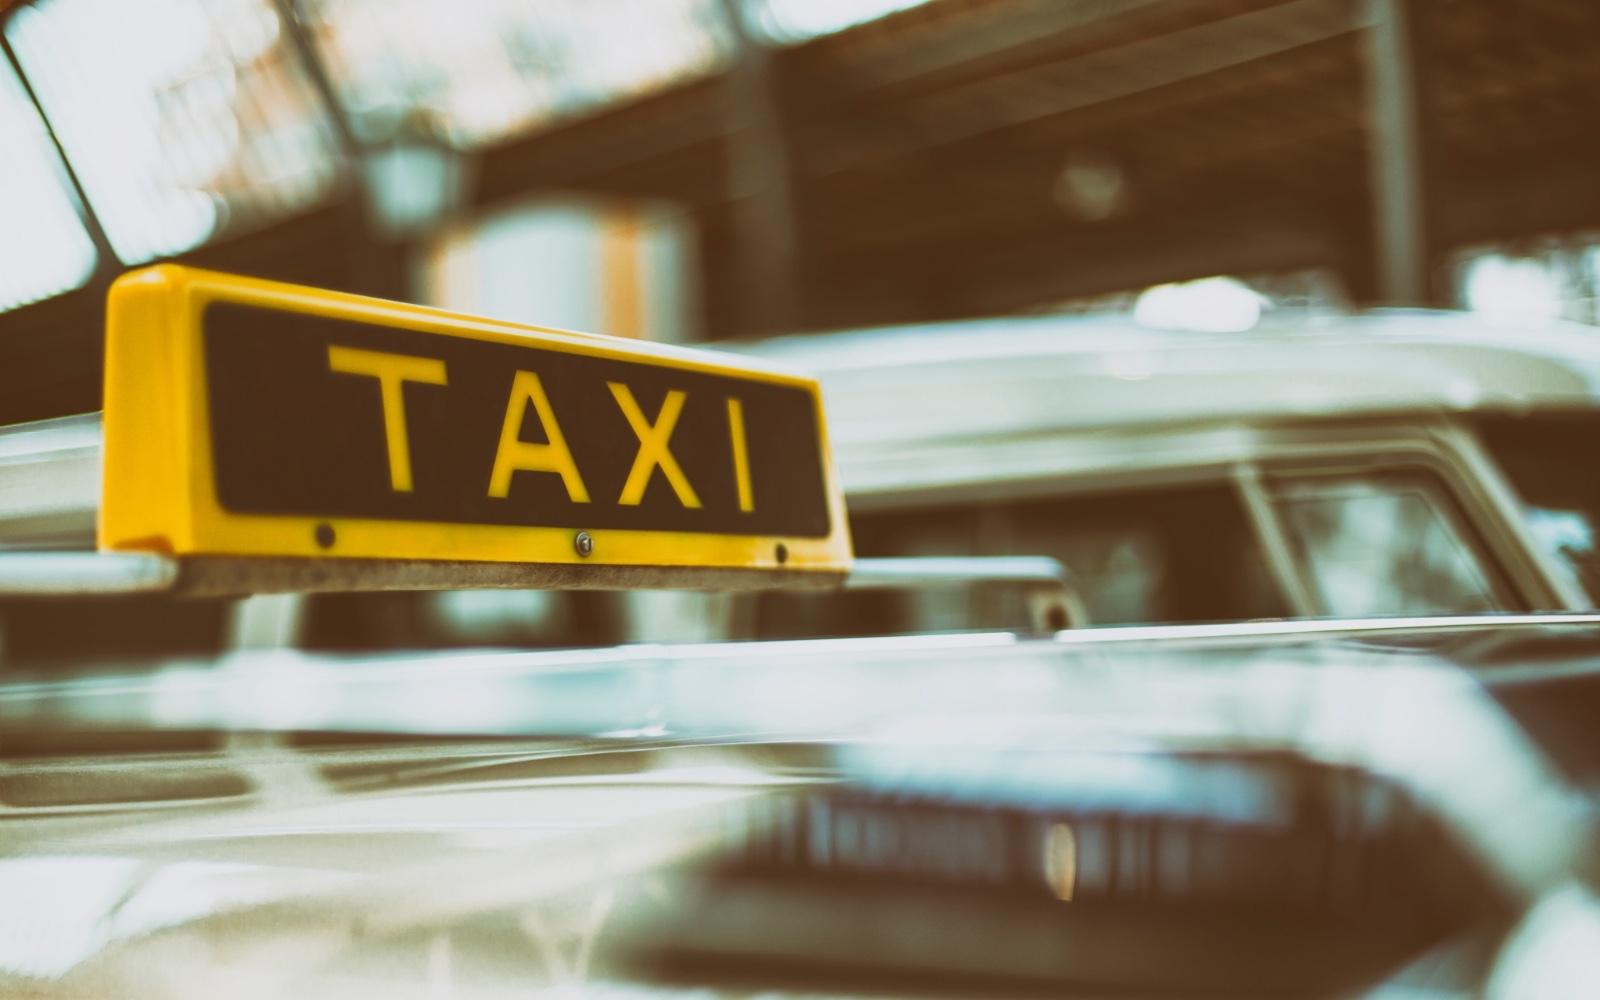 A taxi awaits a customer